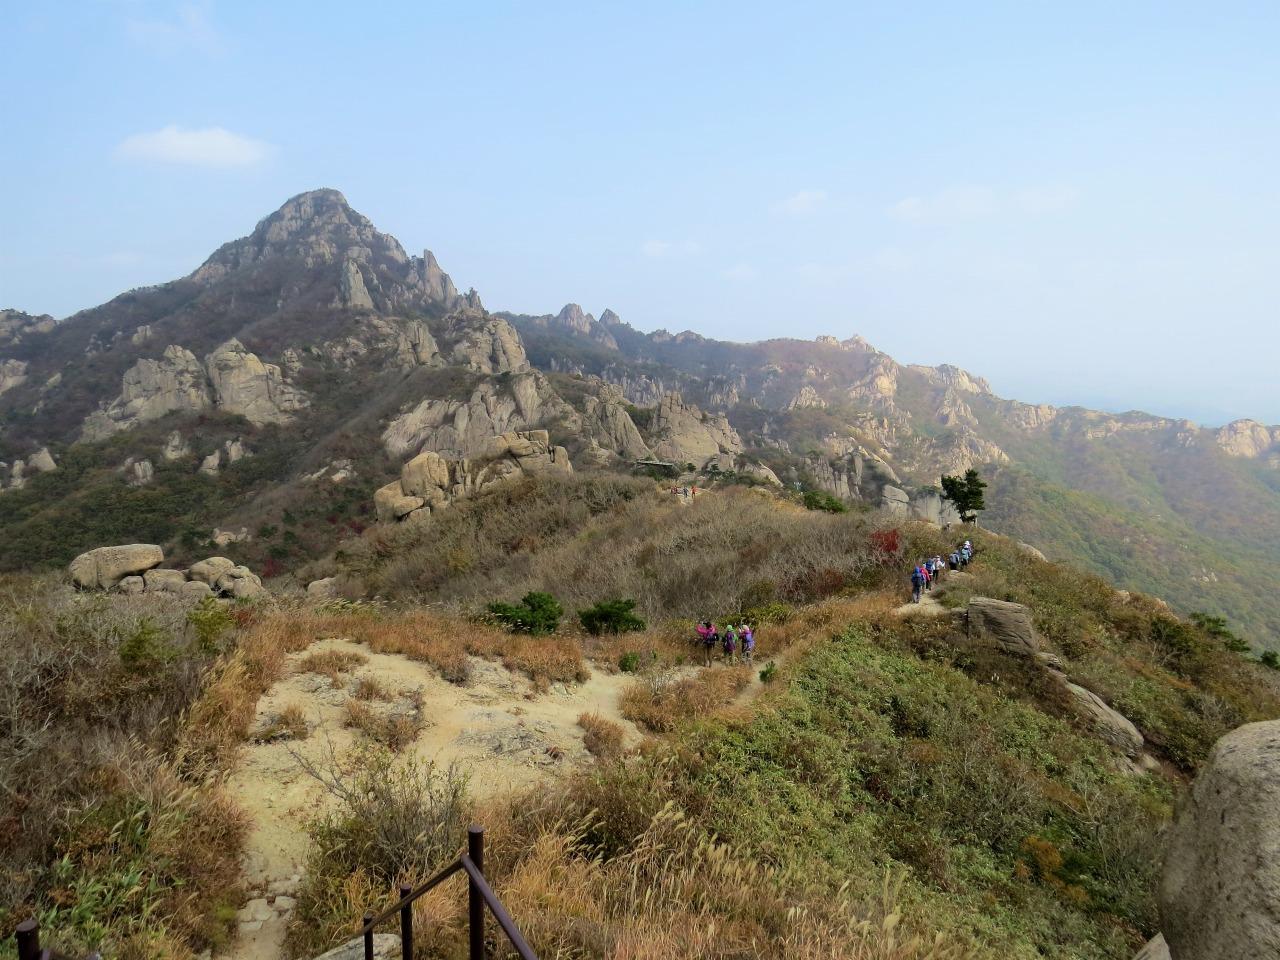 月出山(ウォルチュルサン)登頂と辺山半島(ピョンサンバンド)ハイキング 4日間